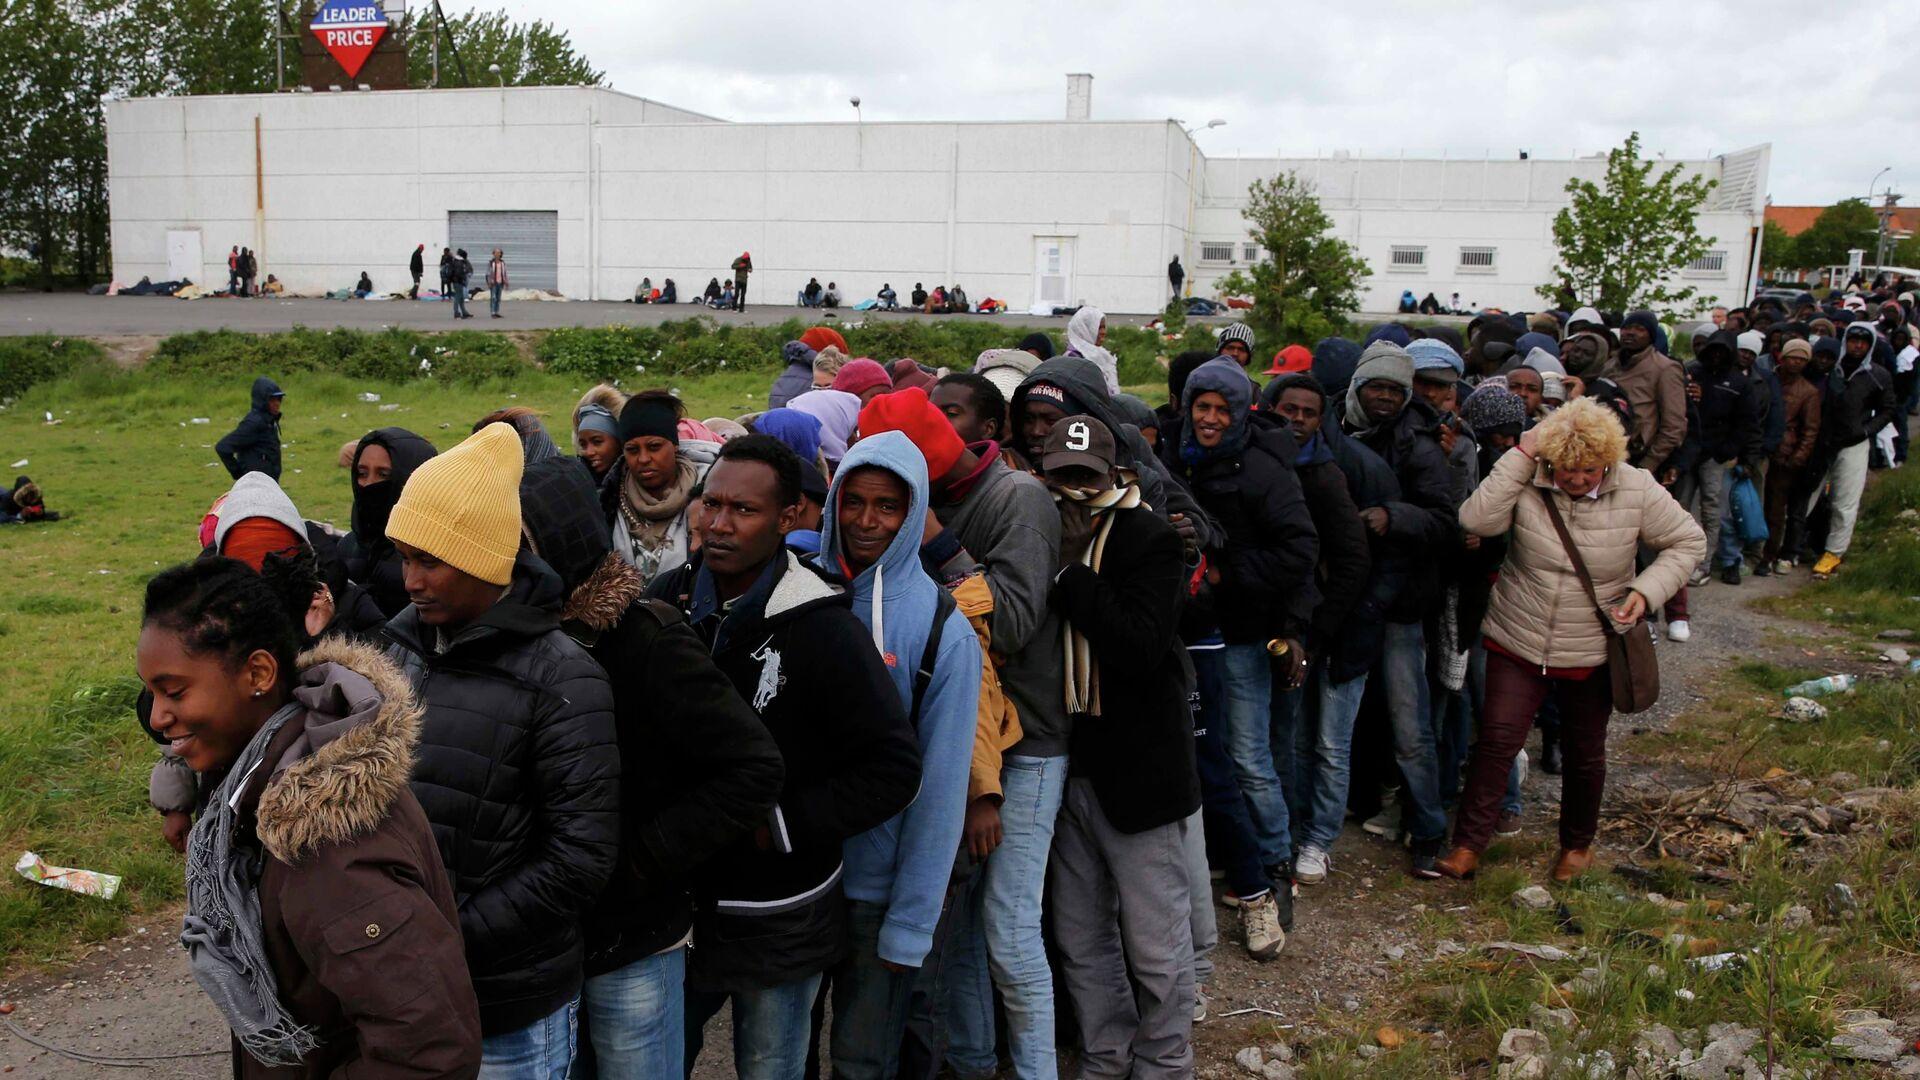 Migrantes en Francia - Sputnik Mundo, 1920, 28.09.2021